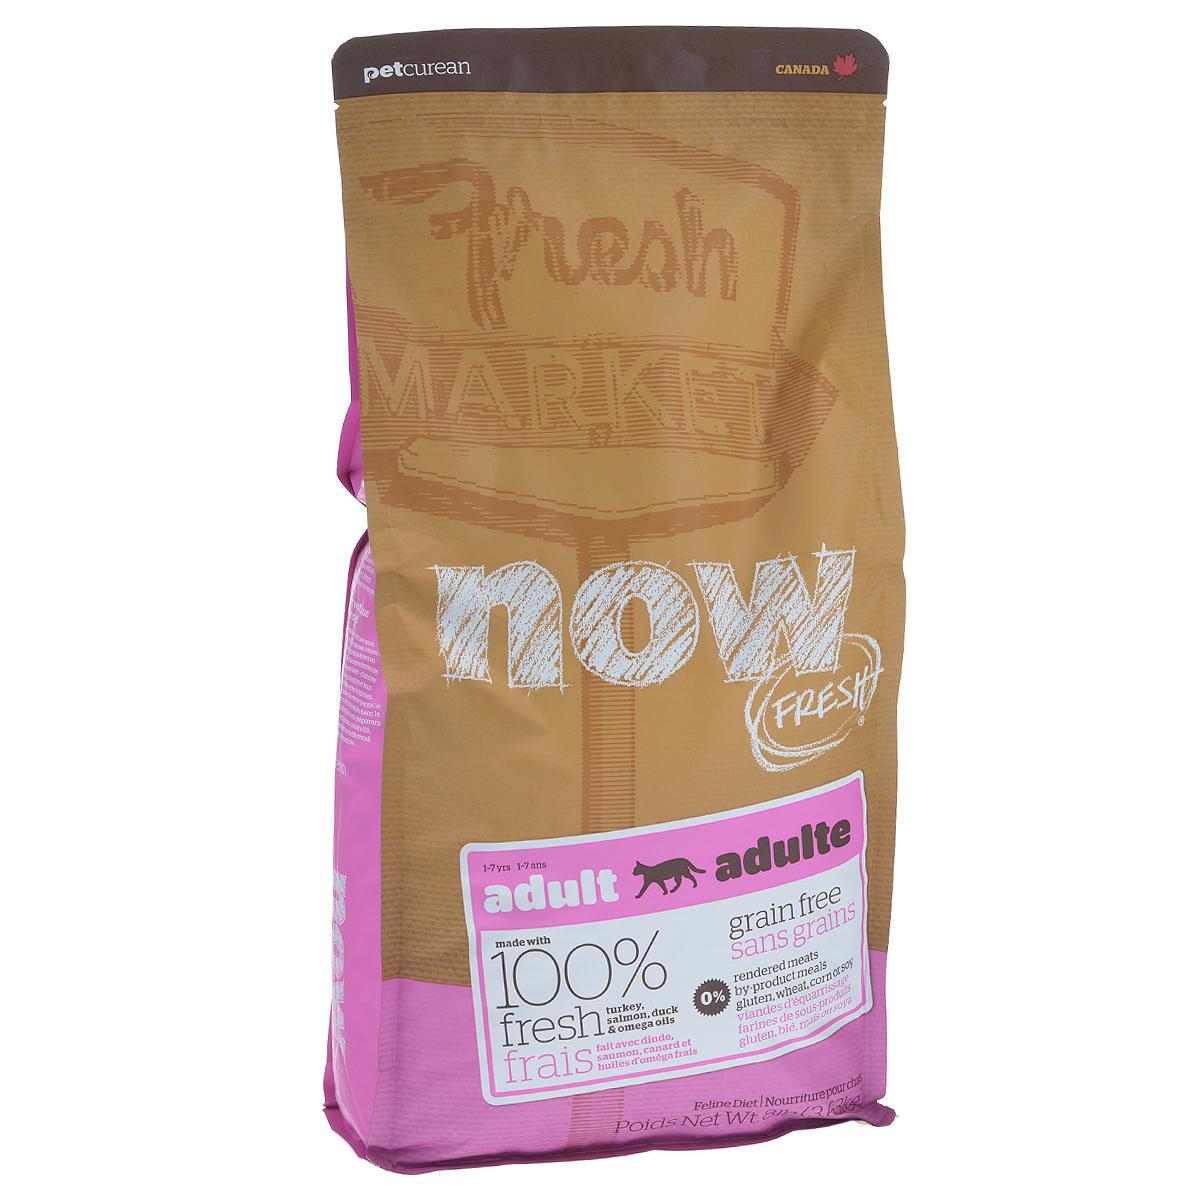 Корм сухой Now Fresh для взрослых кошек, беззерновой, с индейкой, уткой и овощами, 3,63 кг20043Now Fresh - полностью сбалансированный холистик корм из свежего филе индейки и утки, выращенных на канадских фермах. Рекомендован для взрослых кошек. При производстве кормов используется только свежее мясо индейки, утки, лосося, кокосовое и рапсовое масло. Это первый беззерновой корм со сбалансированным содержание белков и жиров. Ключевые преимущества: - полностью беззерновой, - не содержит субпродуктов, красителей, говядины, мясных ингредиентов, выращенных на гормонах, - оптимальное соотношение белков и жиров помогает кошек оставаться здоровым и сохранять отличную форму, - докозагексаеновая кислота (DHA) и эйкозапентаеновая кислота (EPA) необходима для нормальной деятельности мозга и здорового зрения, - пробиотики и пребиотики обеспечивают здоровое пищеварение, - таурин необходим для здоровья глаз и нормального функционирования сердечной мышцы, - омега-масла в составе необходимы для здоровой кожи и шерсти, -...